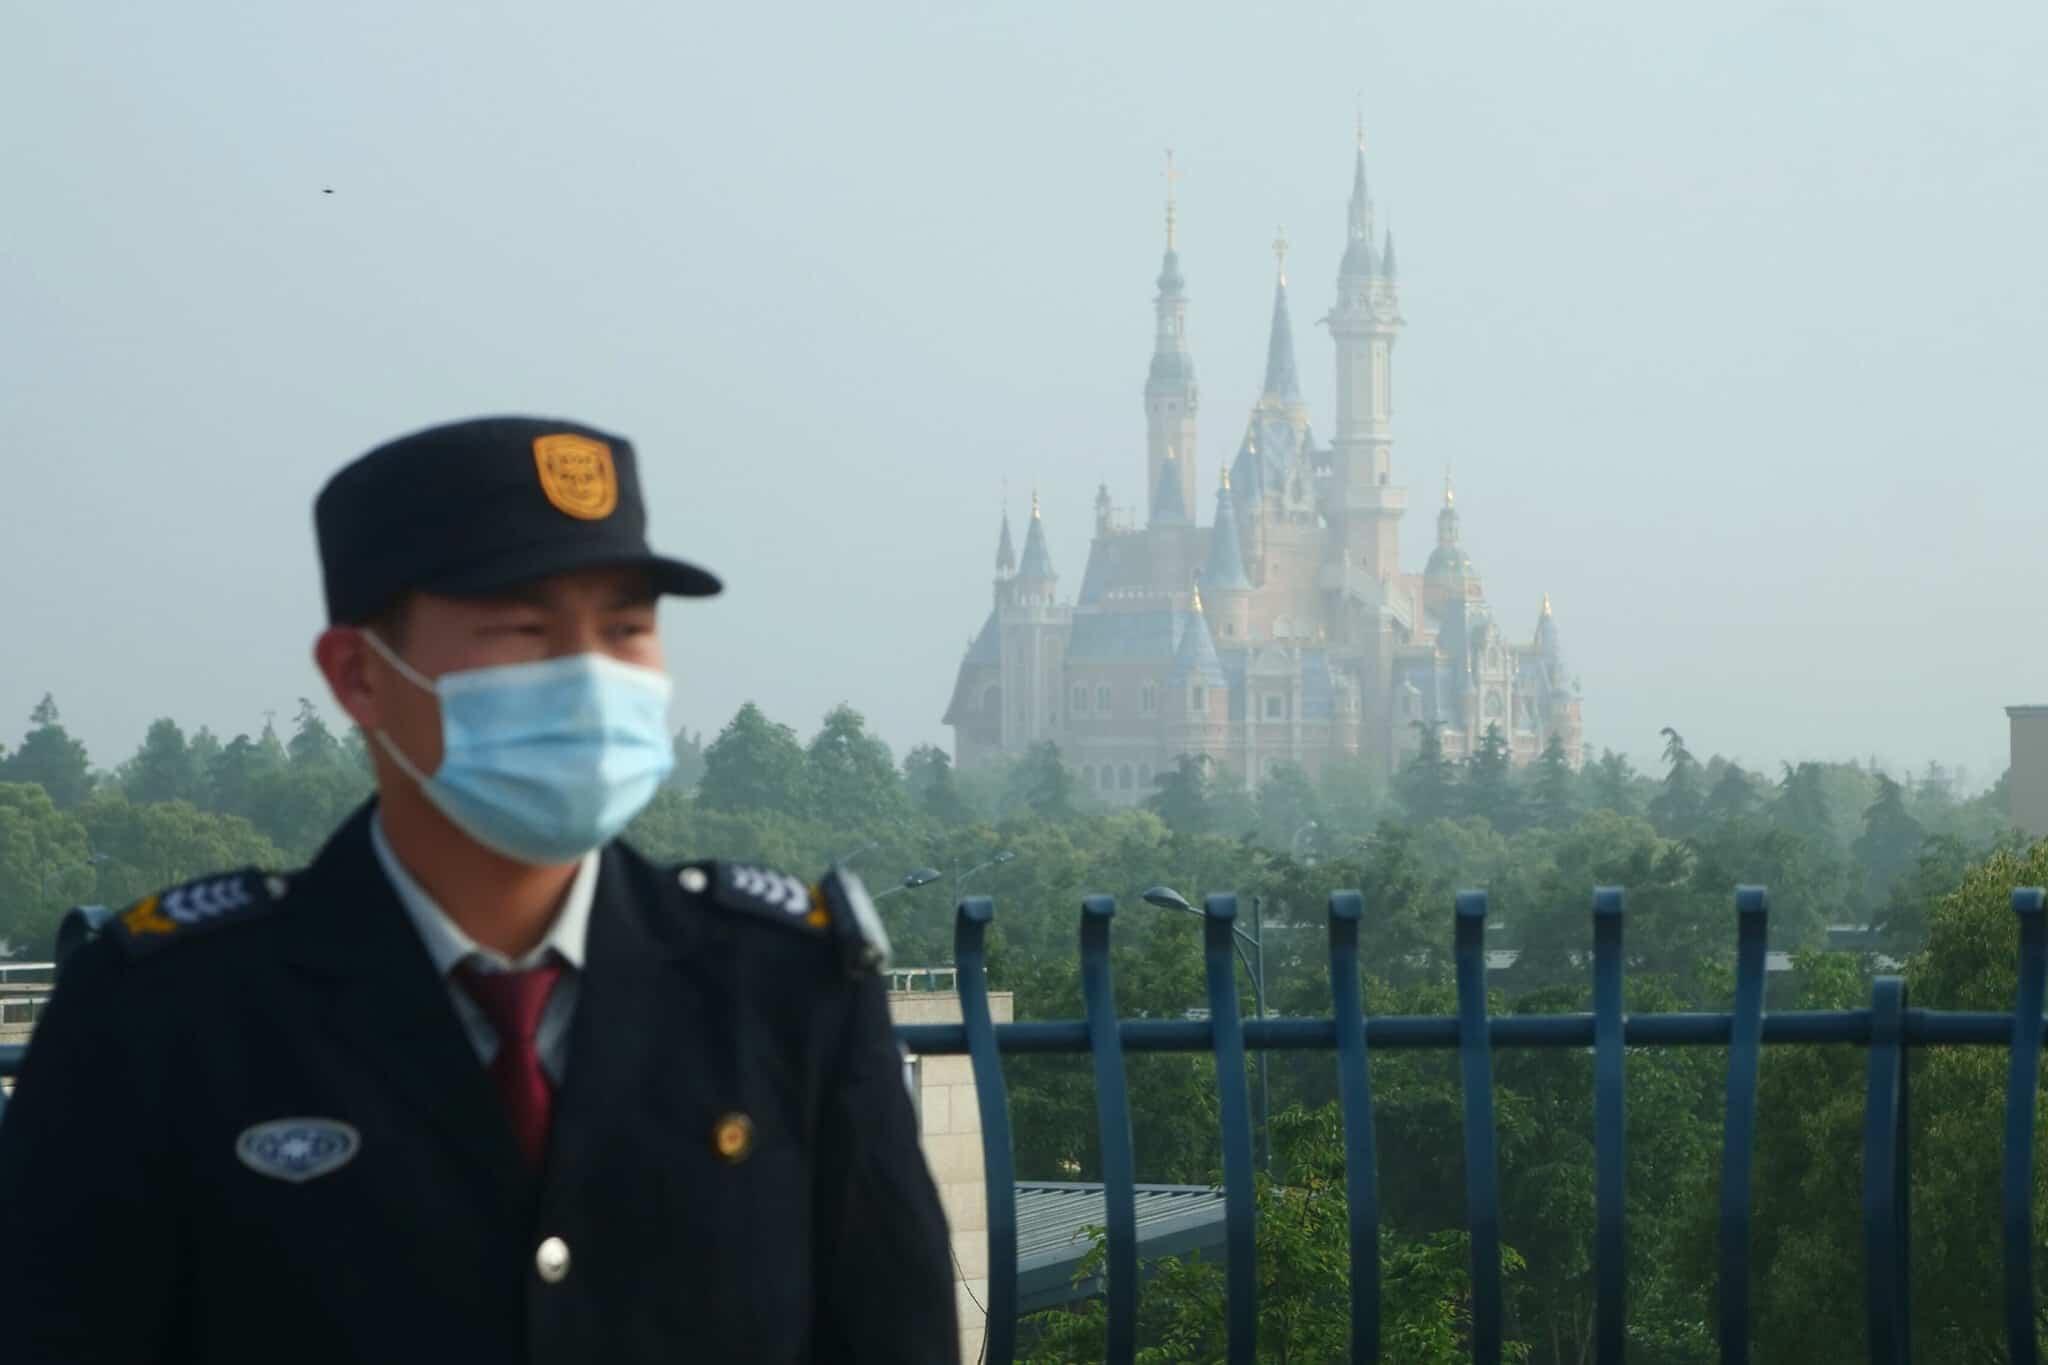 עובד ביטחון בפארק השעשועים דיסנילנד בשנחגאי. 11 במאי 2020 (צילום: AP Photo/Sam McNeil)